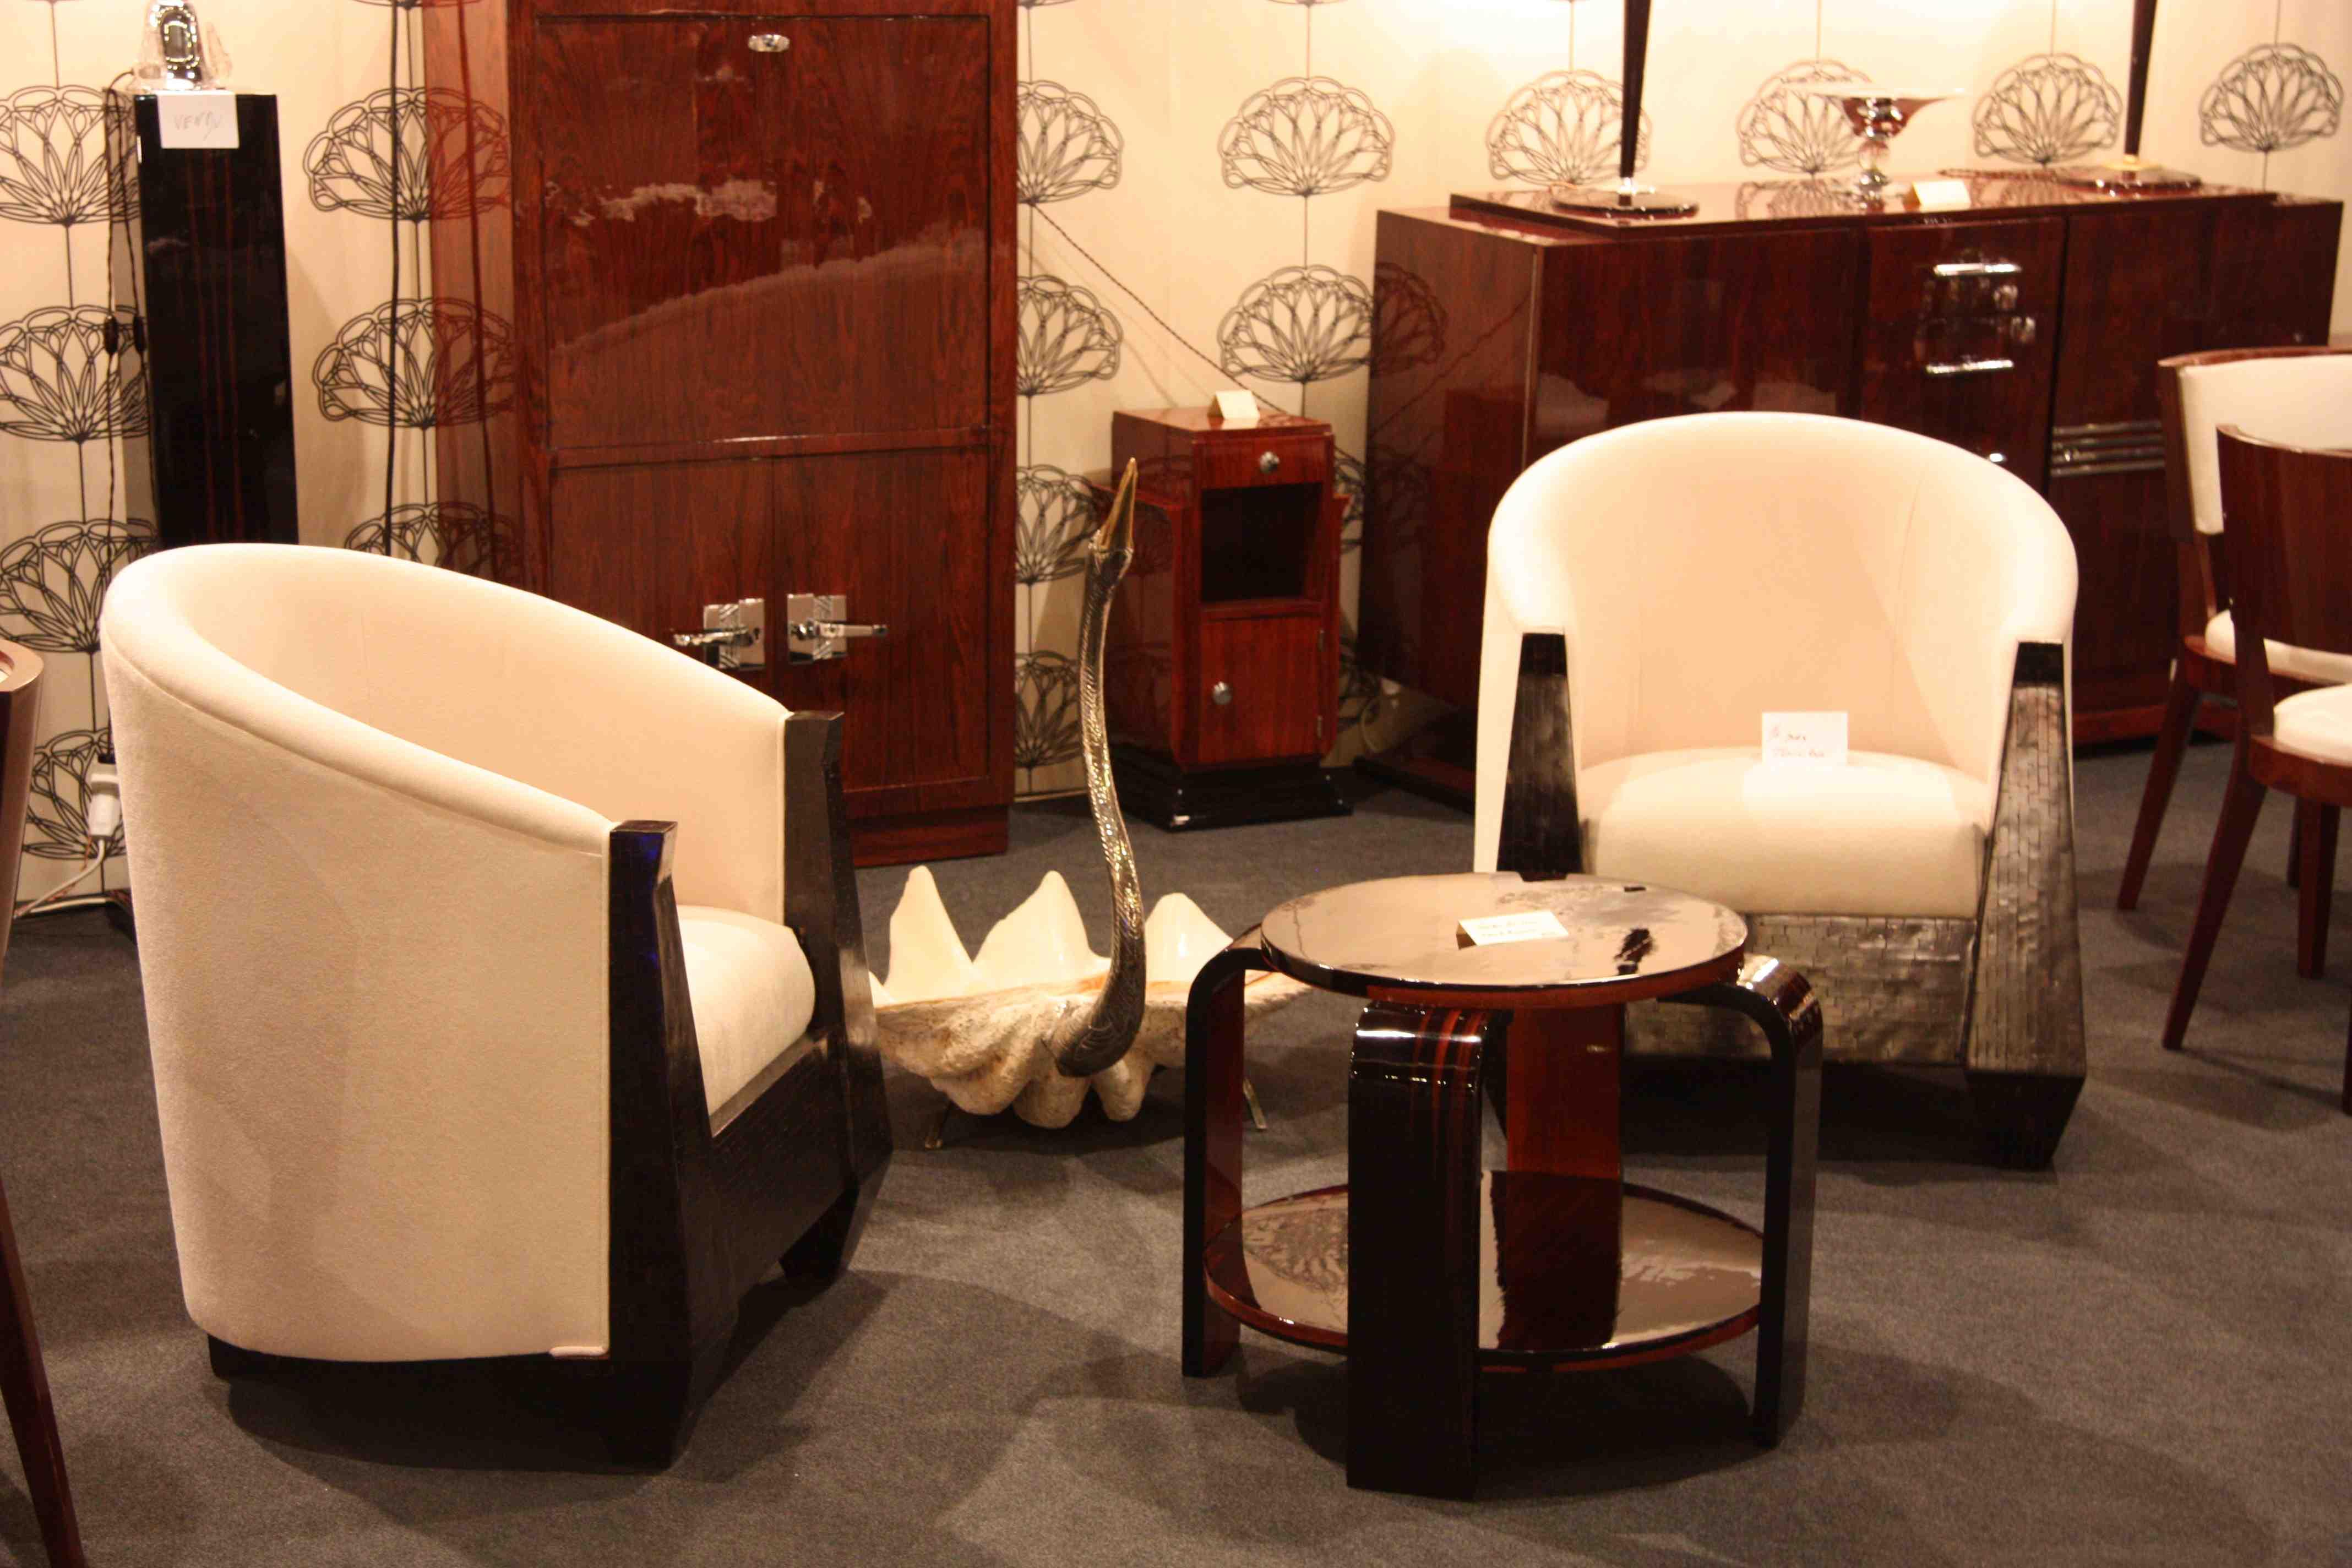 paire de fauteuil art deco en corne armchair vendu sold esprit art d co vente meubles art d co. Black Bedroom Furniture Sets. Home Design Ideas